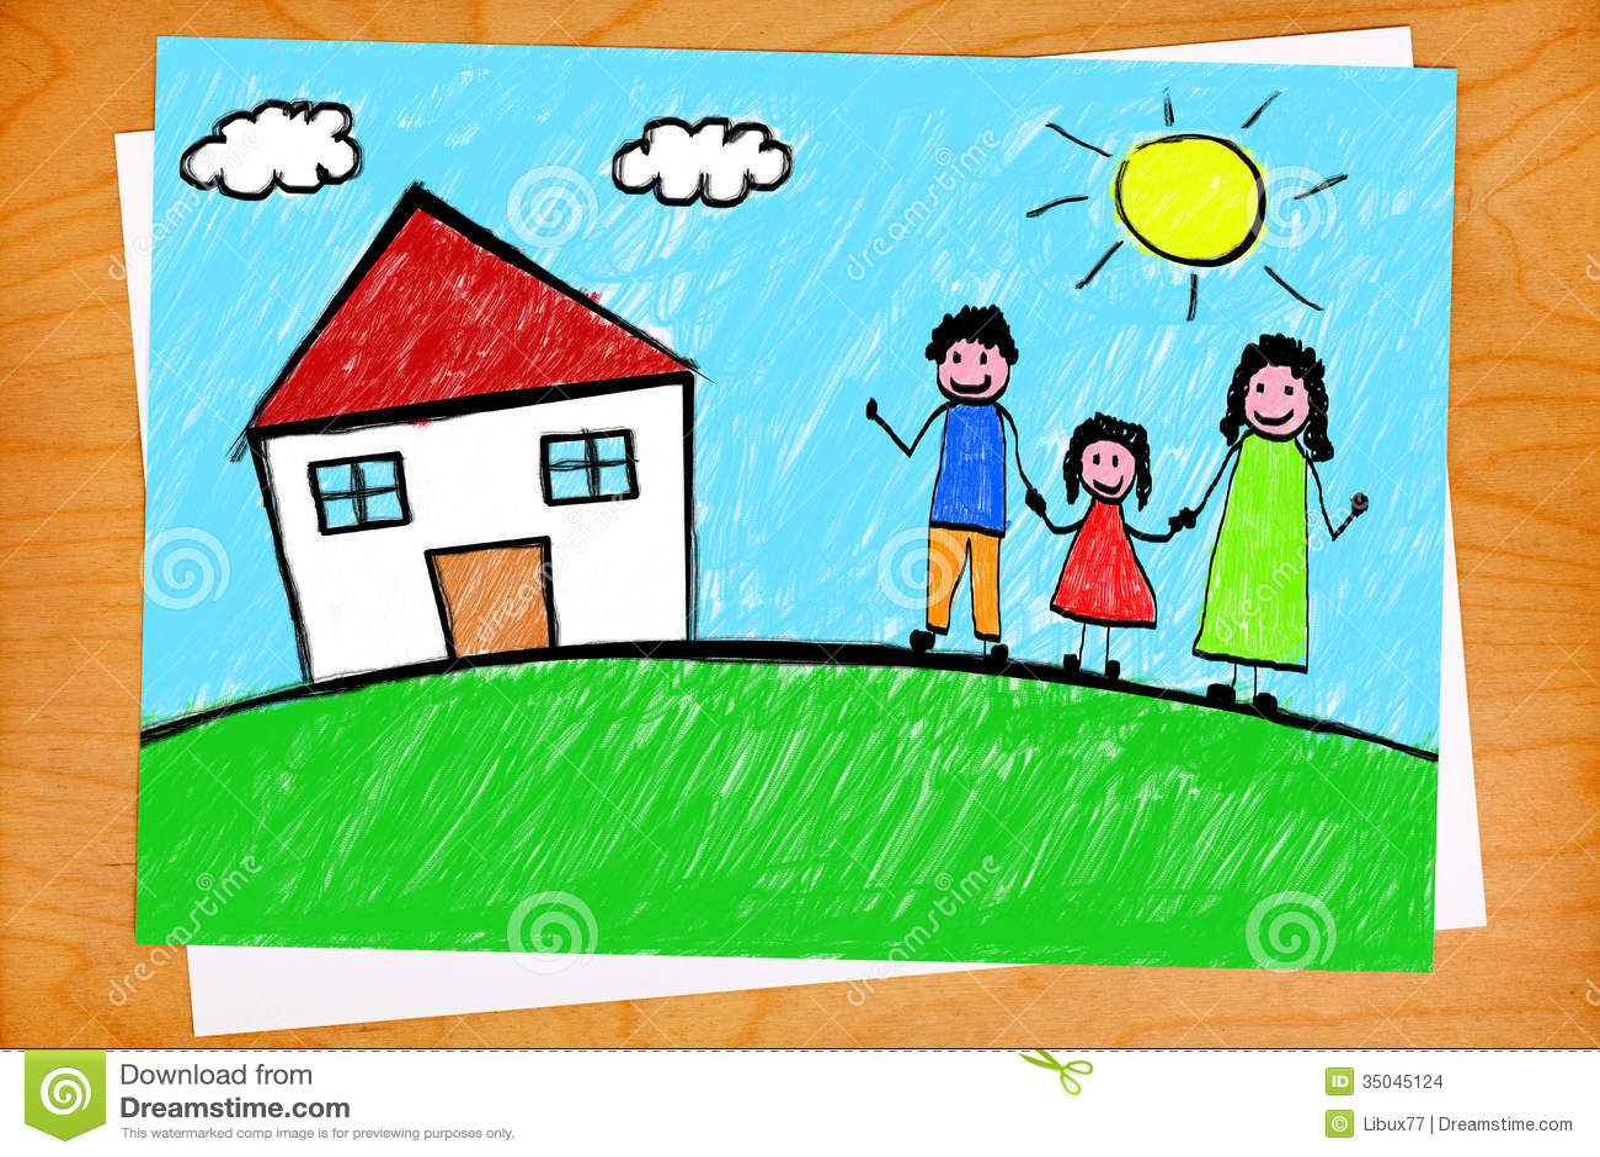 Stockbilder familien haus freihändige kinderzeichnung auf dem